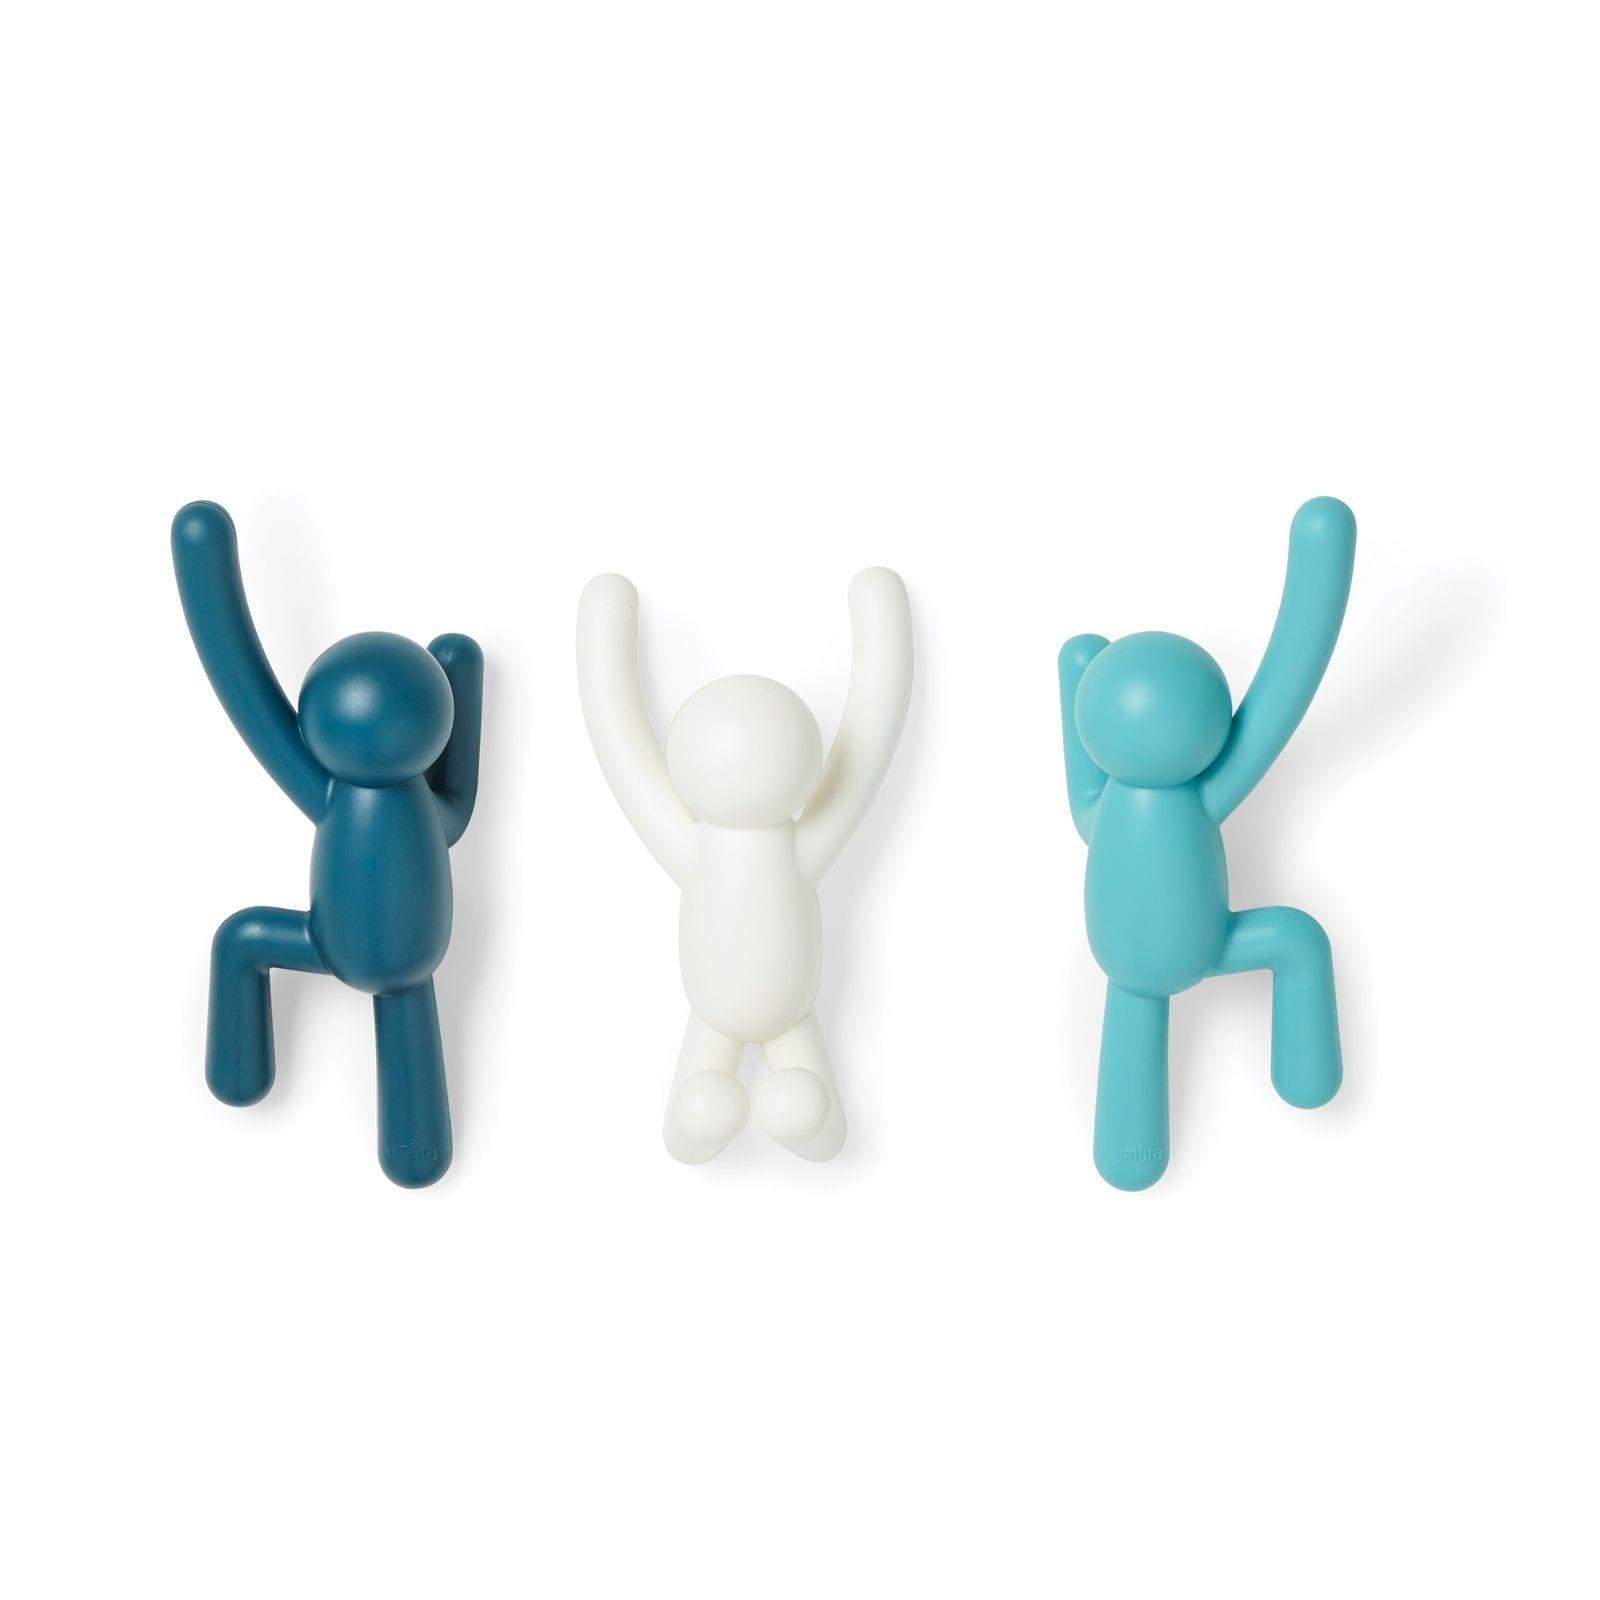 Κρεμάστρα Buddy Σετ των 3 (Μπλε) - Umbra